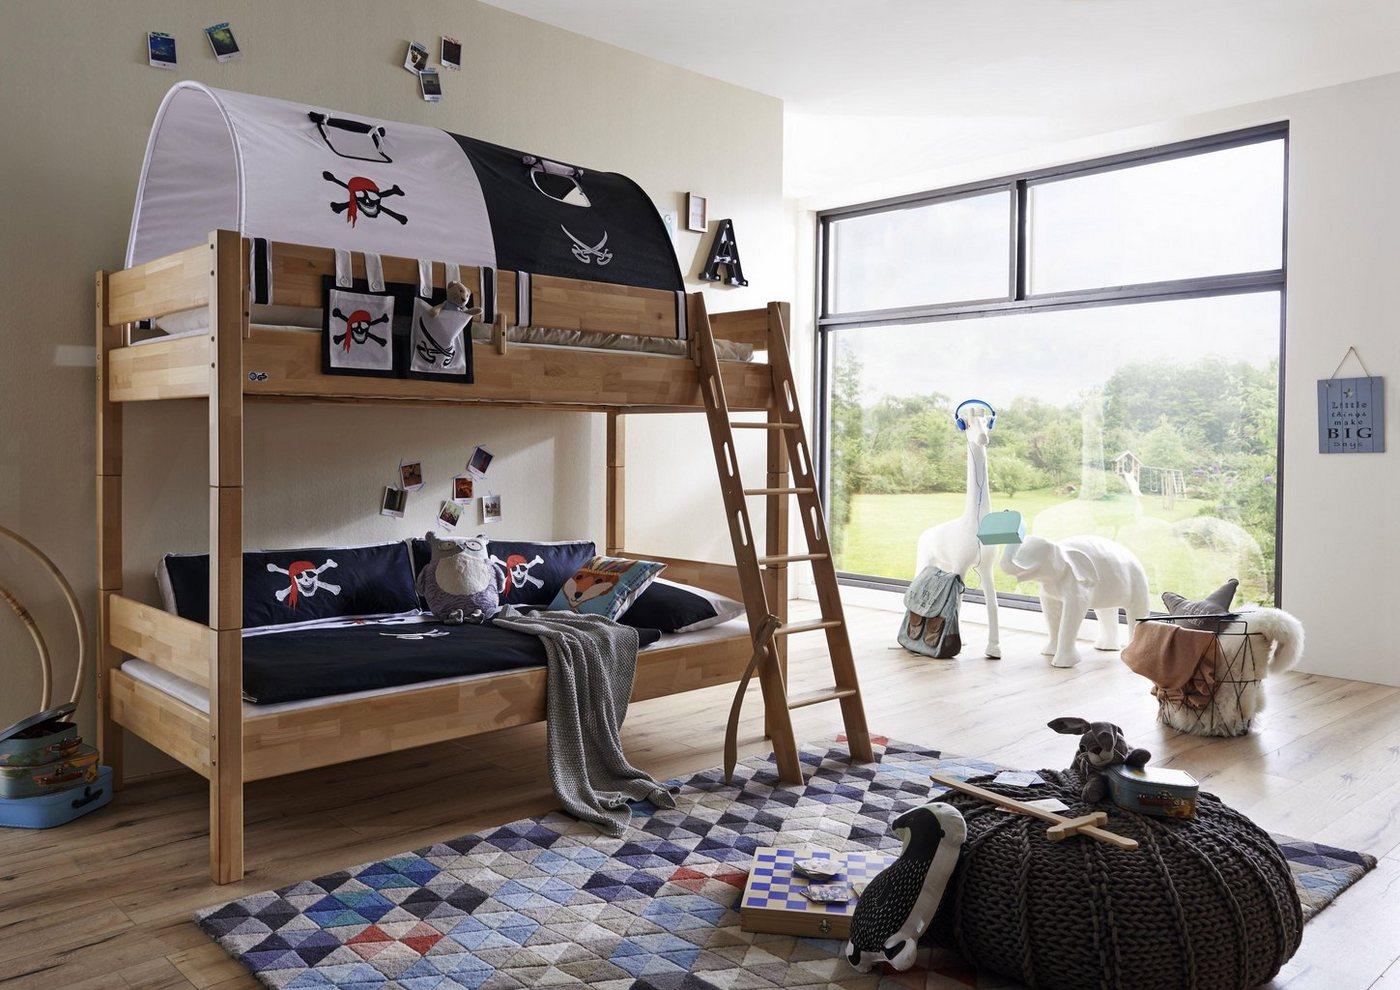 Relita Etagenbett Sky : Blau buche massiv etagenbetten online kaufen möbel suchmaschine